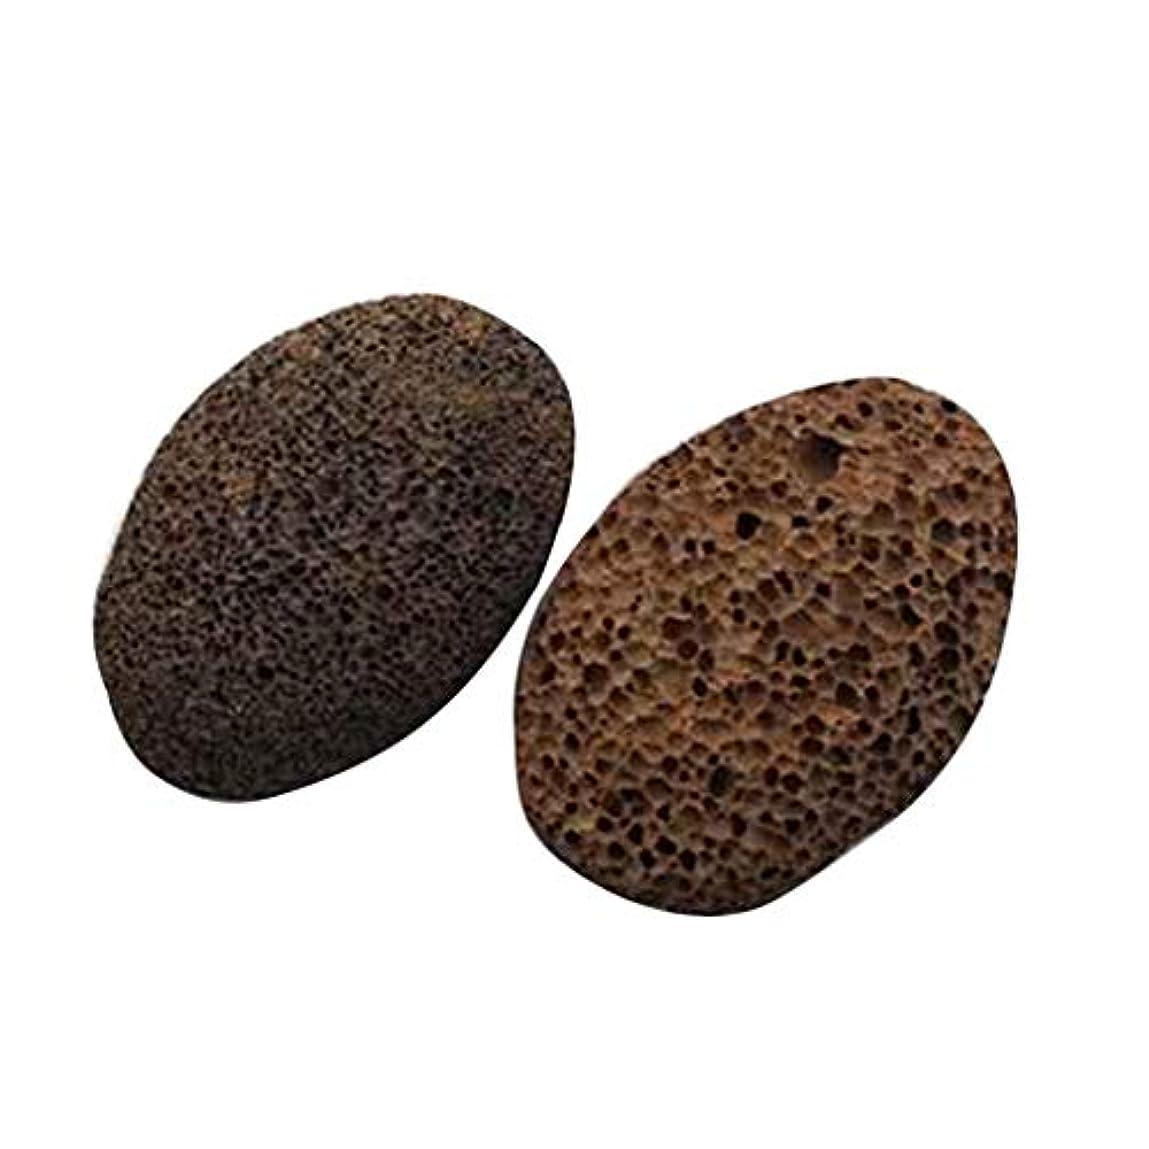 ベリアルカトラズ島シリングVonarly ワイプ足石 死んだ皮軽石を取り除き 足石を挽いて 自然の火山石を剥がします 足マッサージ石 2個セット